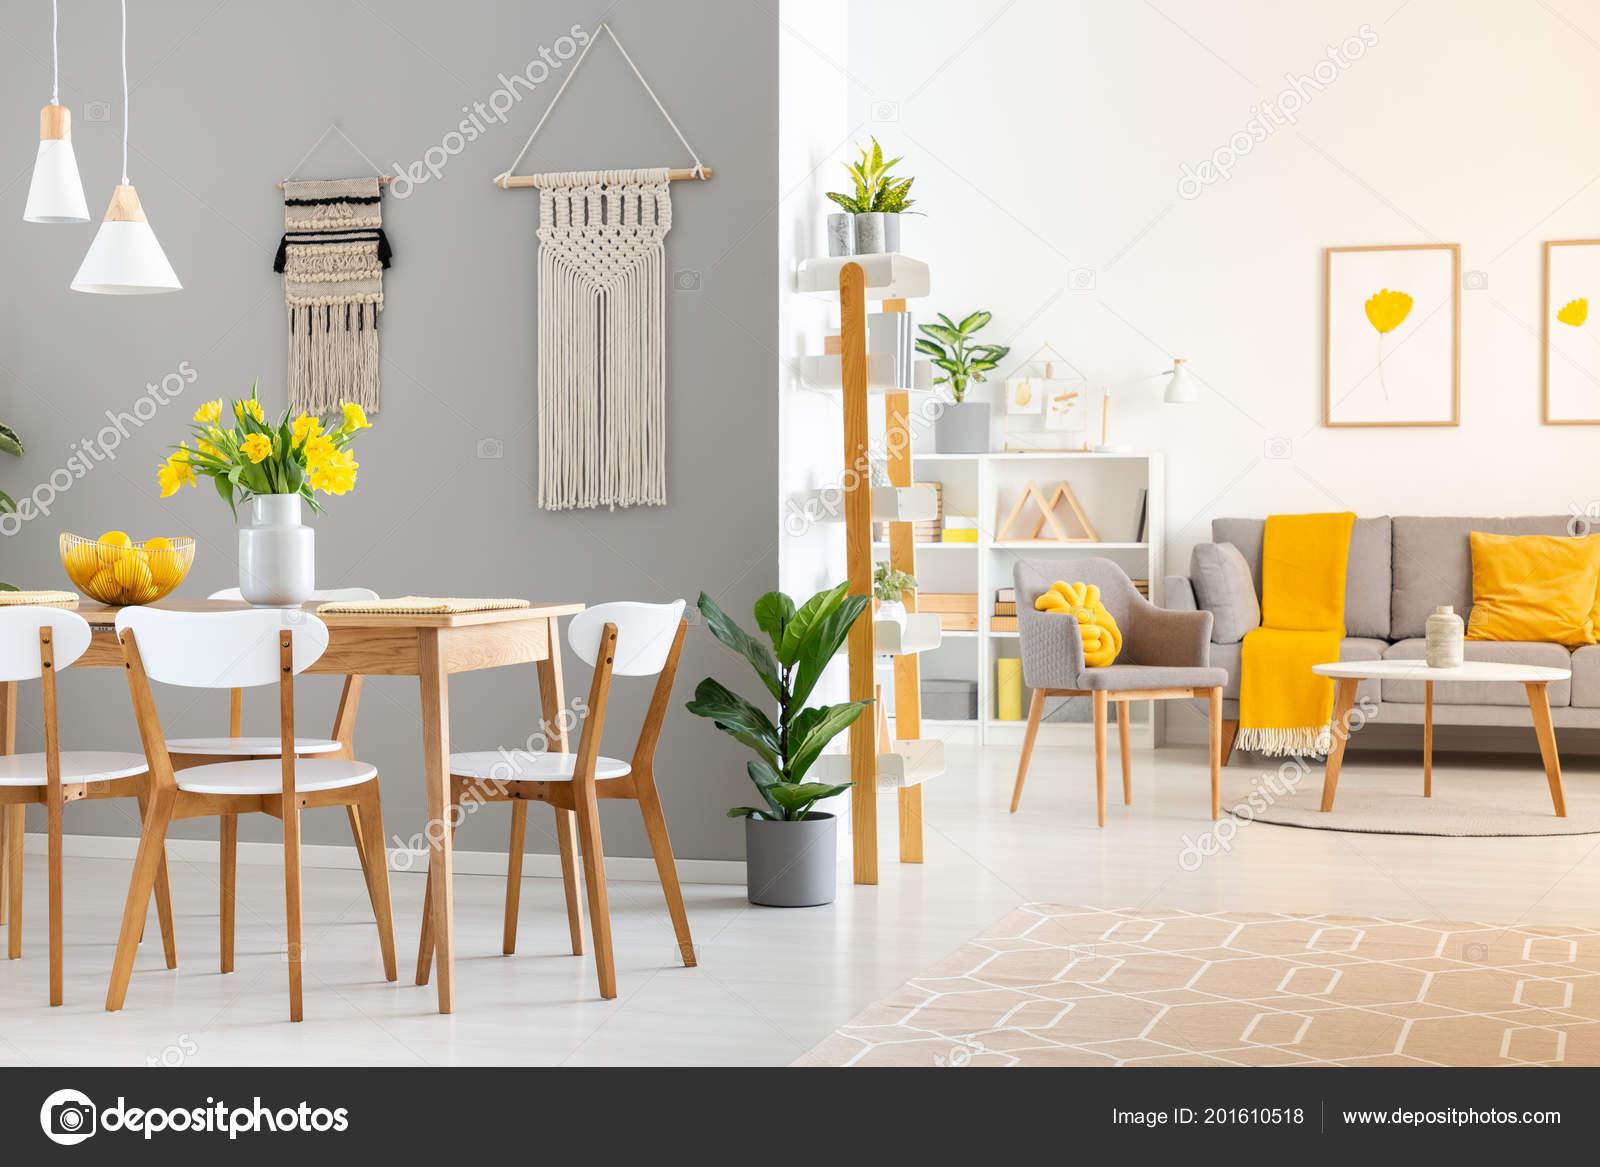 Photo Réelle Intérieur Spacieux Maison Avec Table Bois Chaises